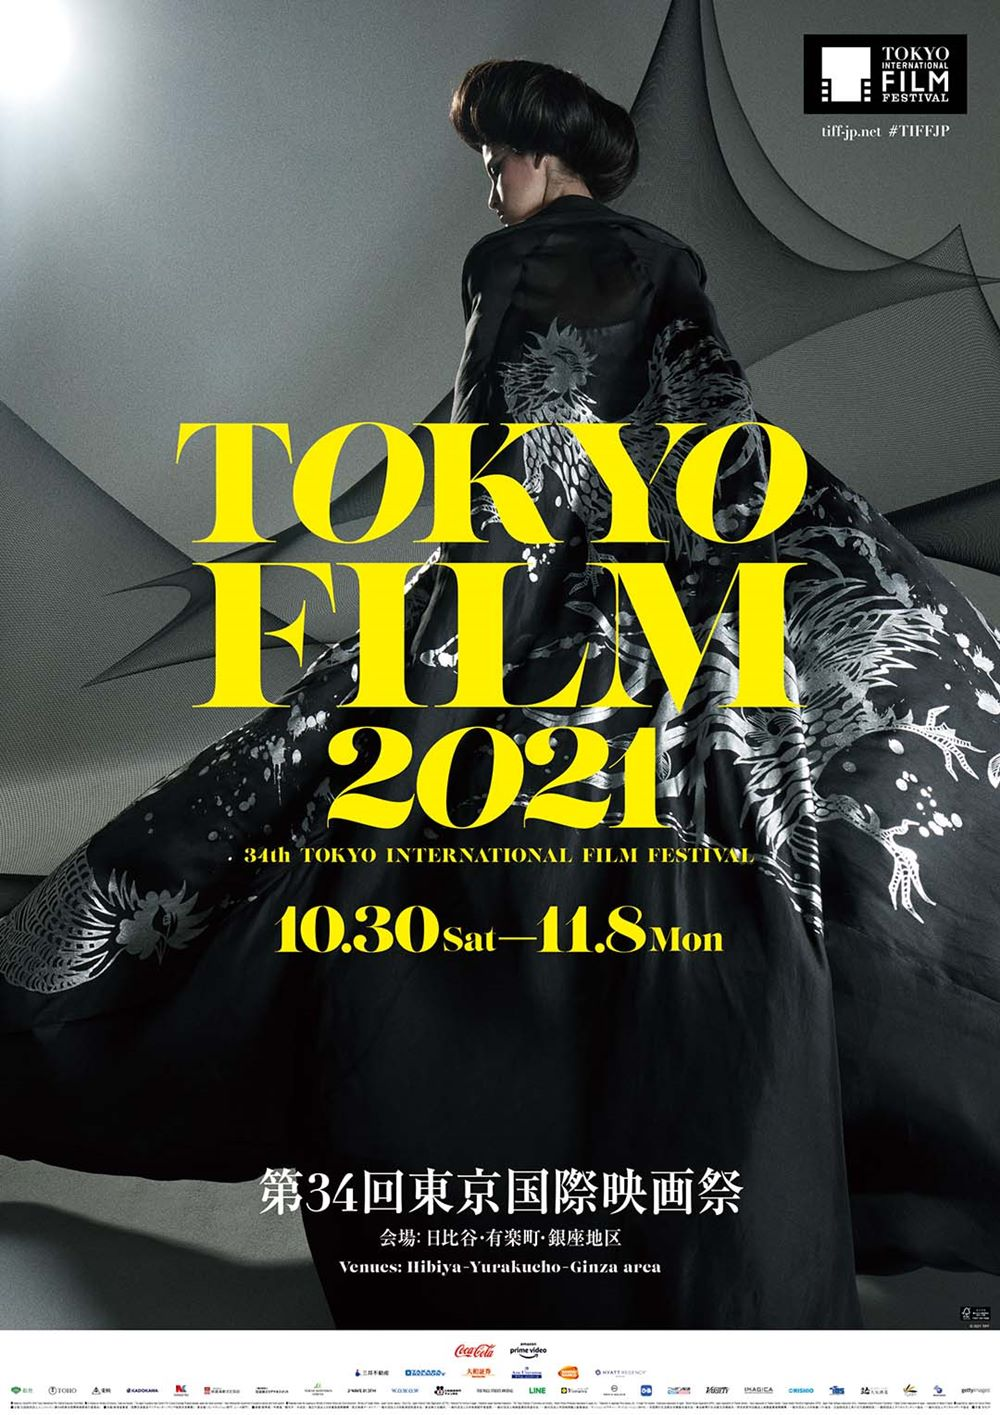 【画像】第34回東京国際映画祭(TIFF) ポスタービジュアル